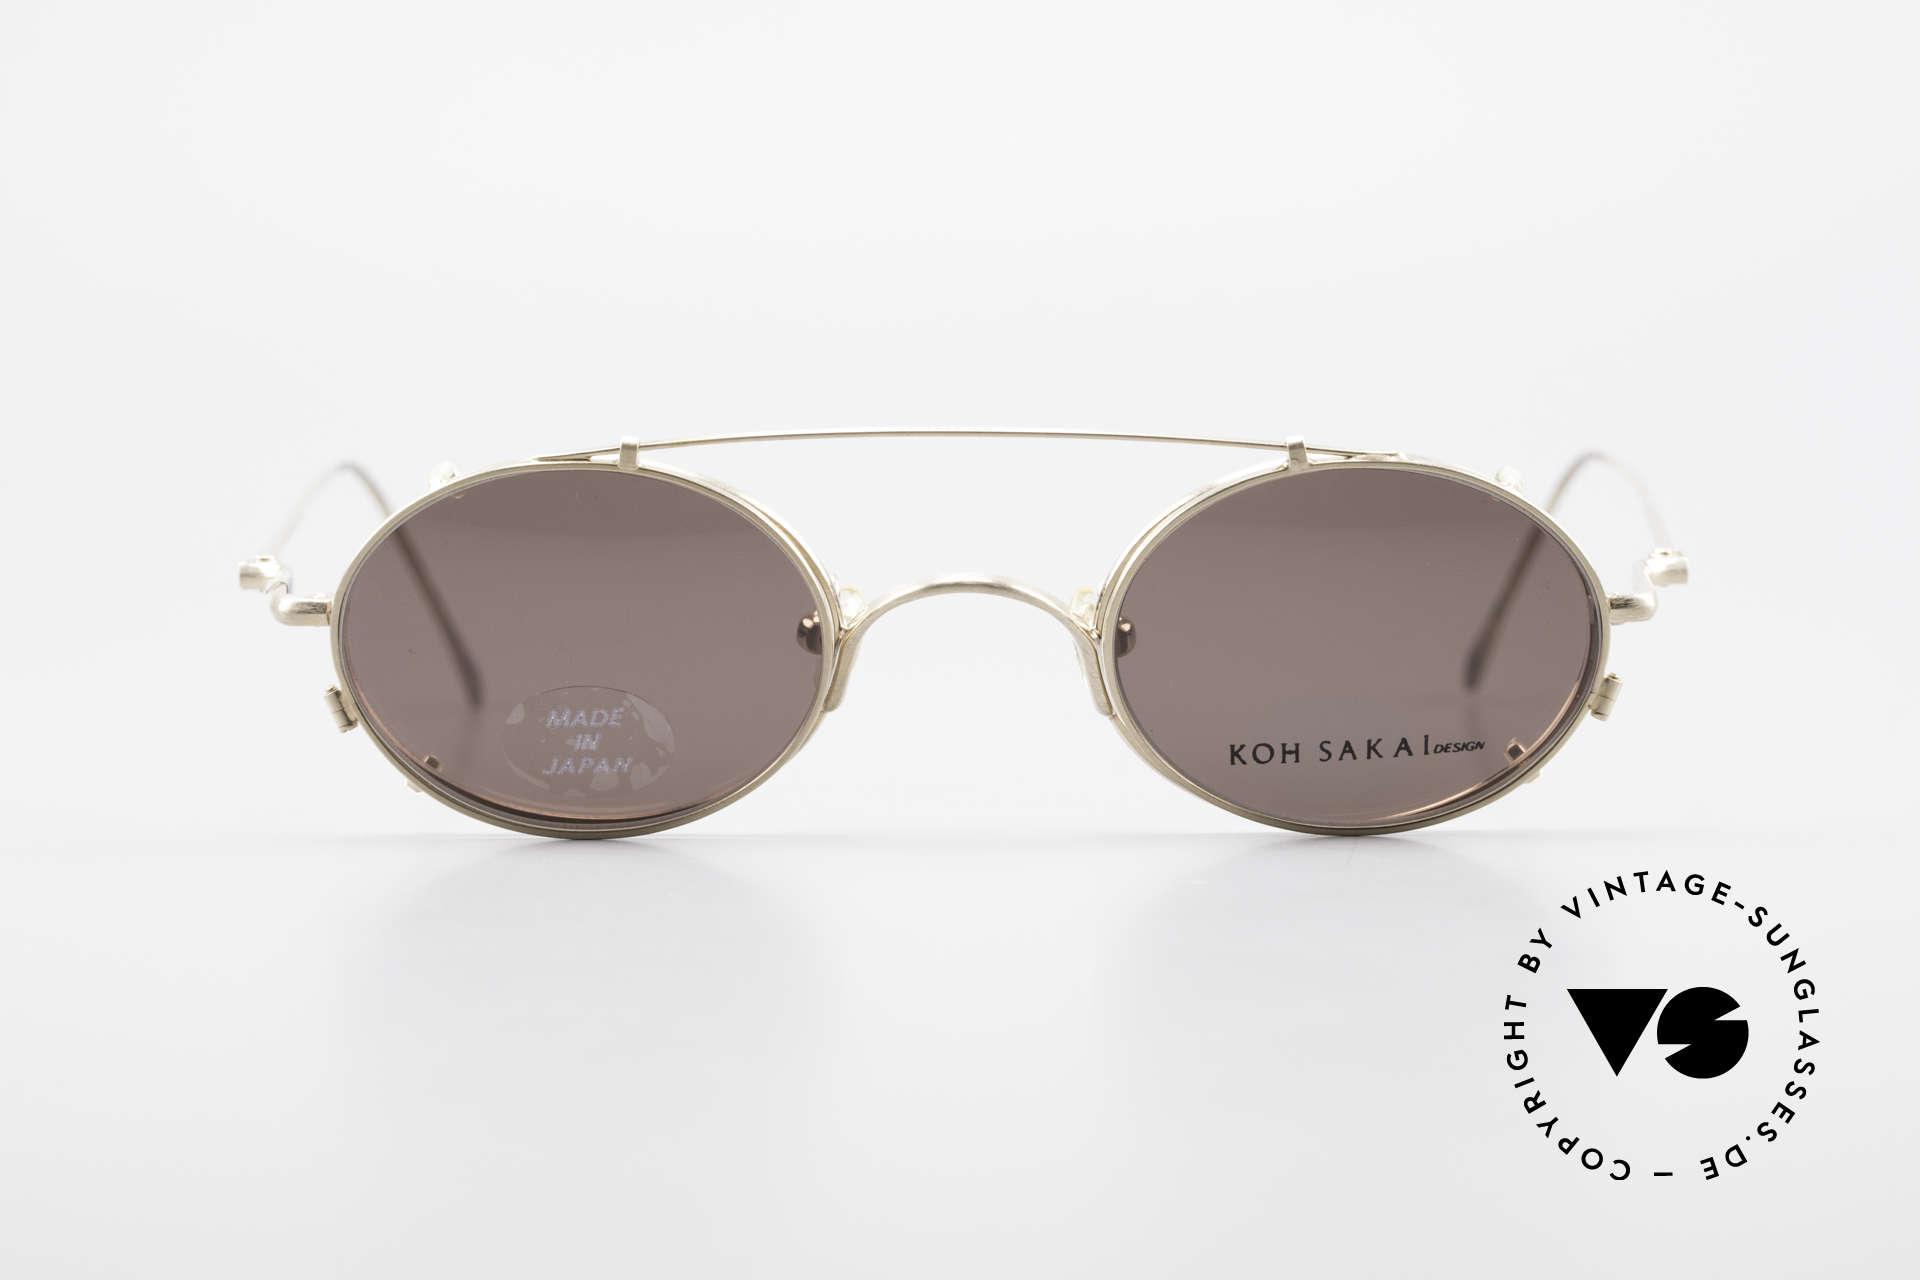 Koh Sakai KS9541 Ovale Brille Made in Japan 90er, Koh Sakai, BADA und OKIO Brillen waren ein Vertrieb, Passend für Herren und Damen